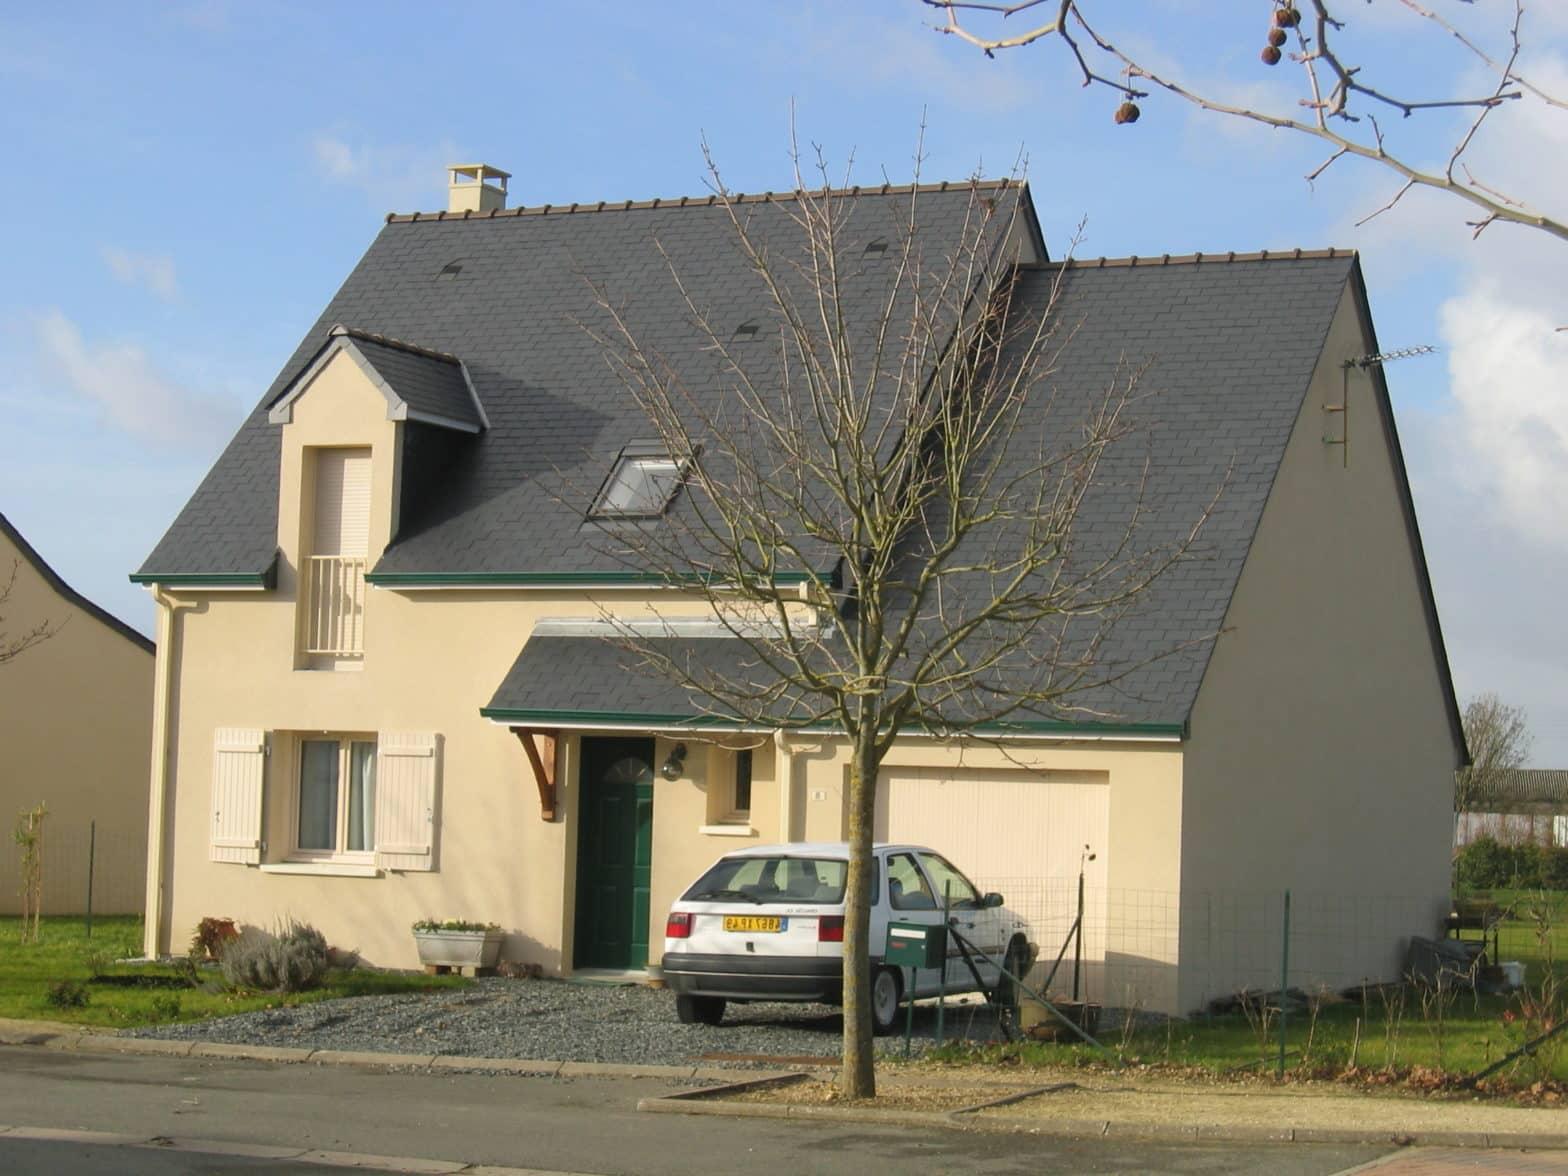 maison etage comble toiture ardoise montreuil-juigné 49460